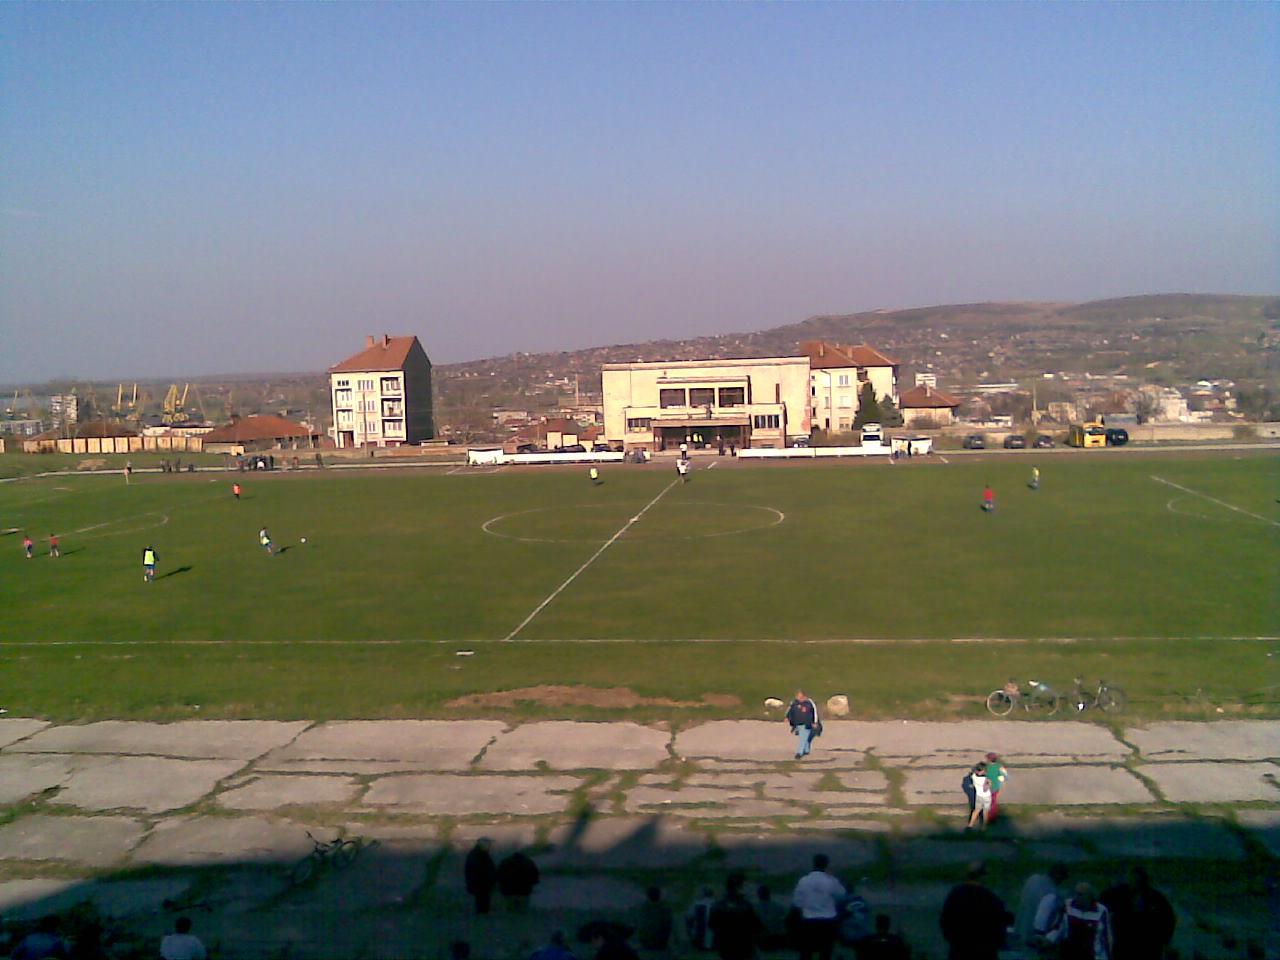 Lom,_Bulgaria_-_stadium